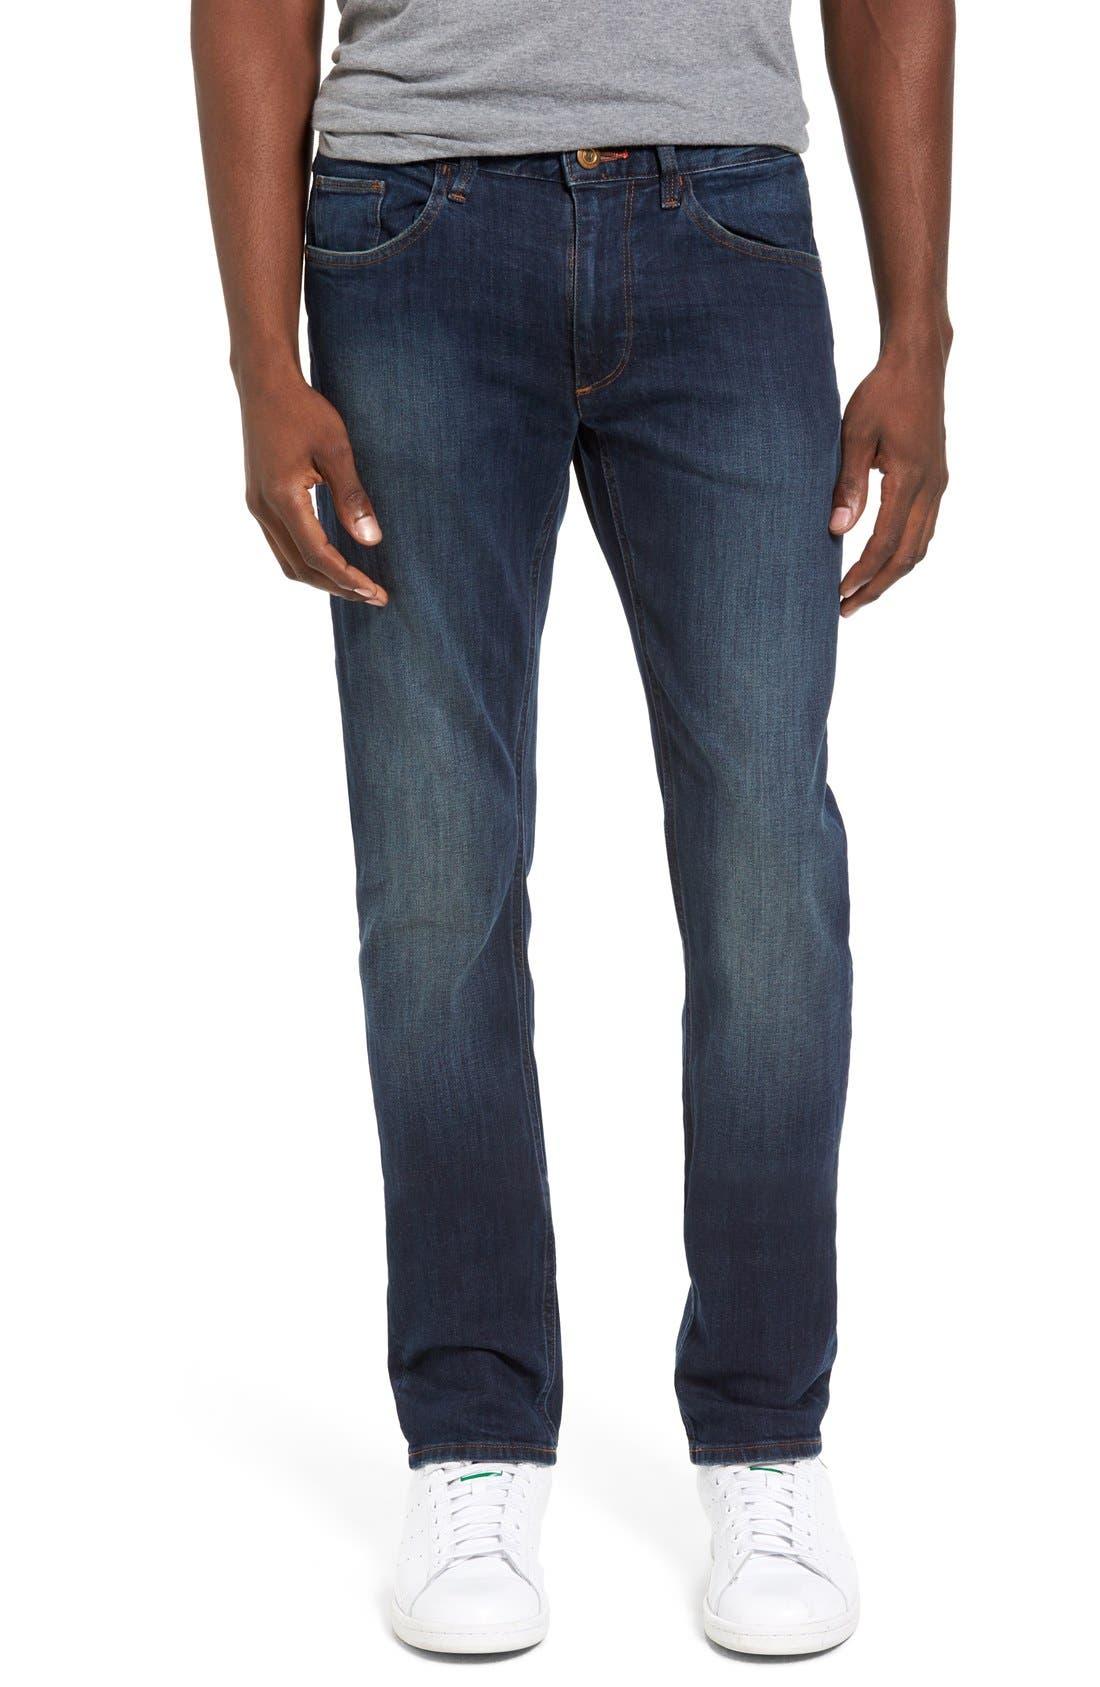 Psycho Bunny Spitfire Slim Fit Jeans